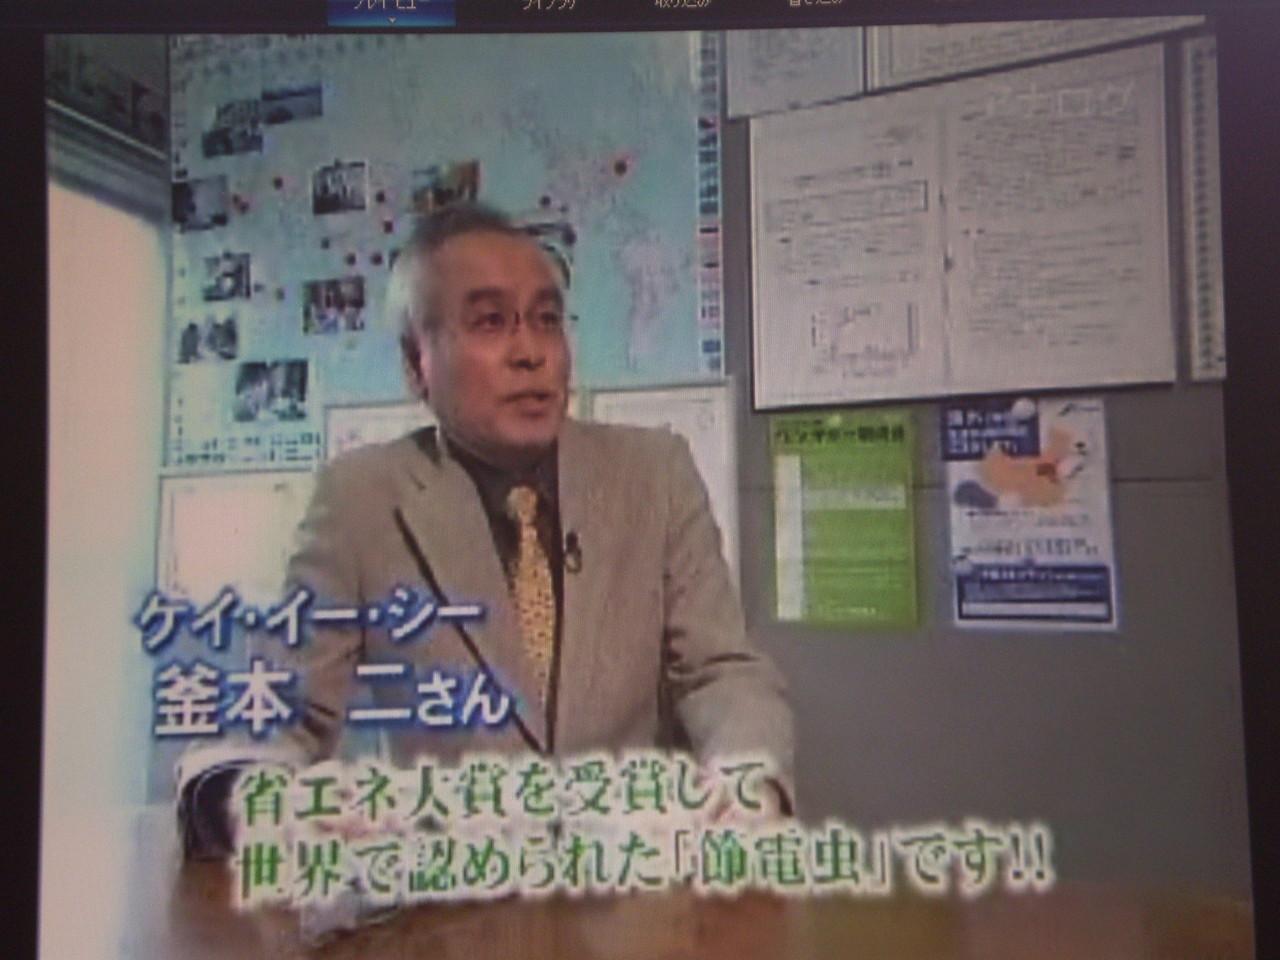 2011.05.12 広島ホームテレビ Jステーション